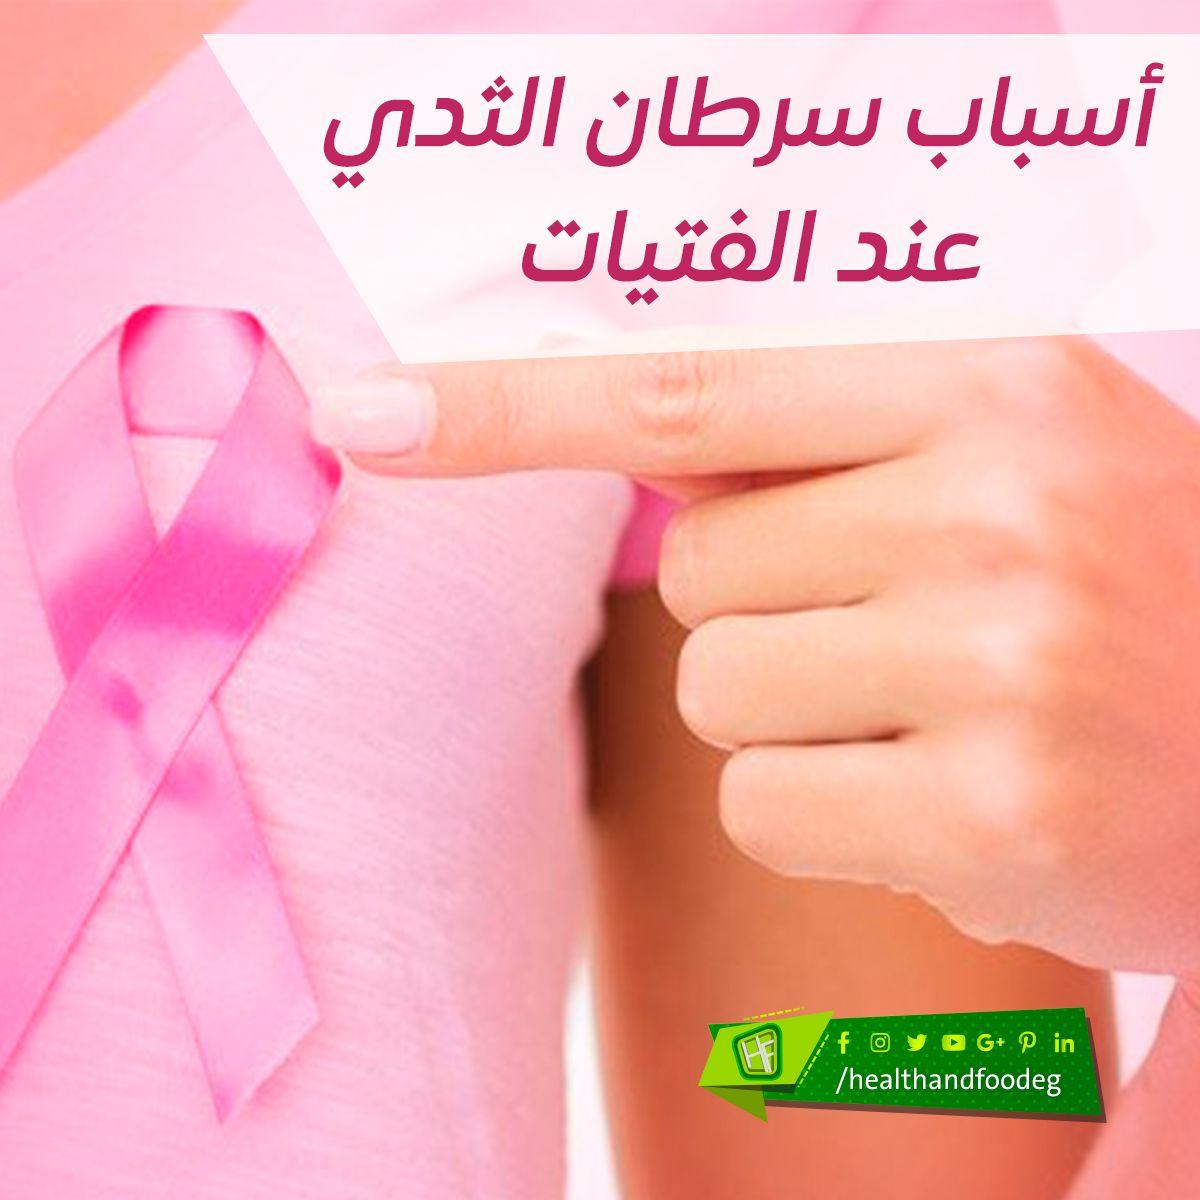 من اسباب سرطان الثدي عند الفتيات عامل الوراثة تأخر مرحلة البلوغ عند الفتيات اقرائي المقال لمعرفة اهم اسباب سرطان الثدي عند الفتيات واهمية الفحص المبكر التو